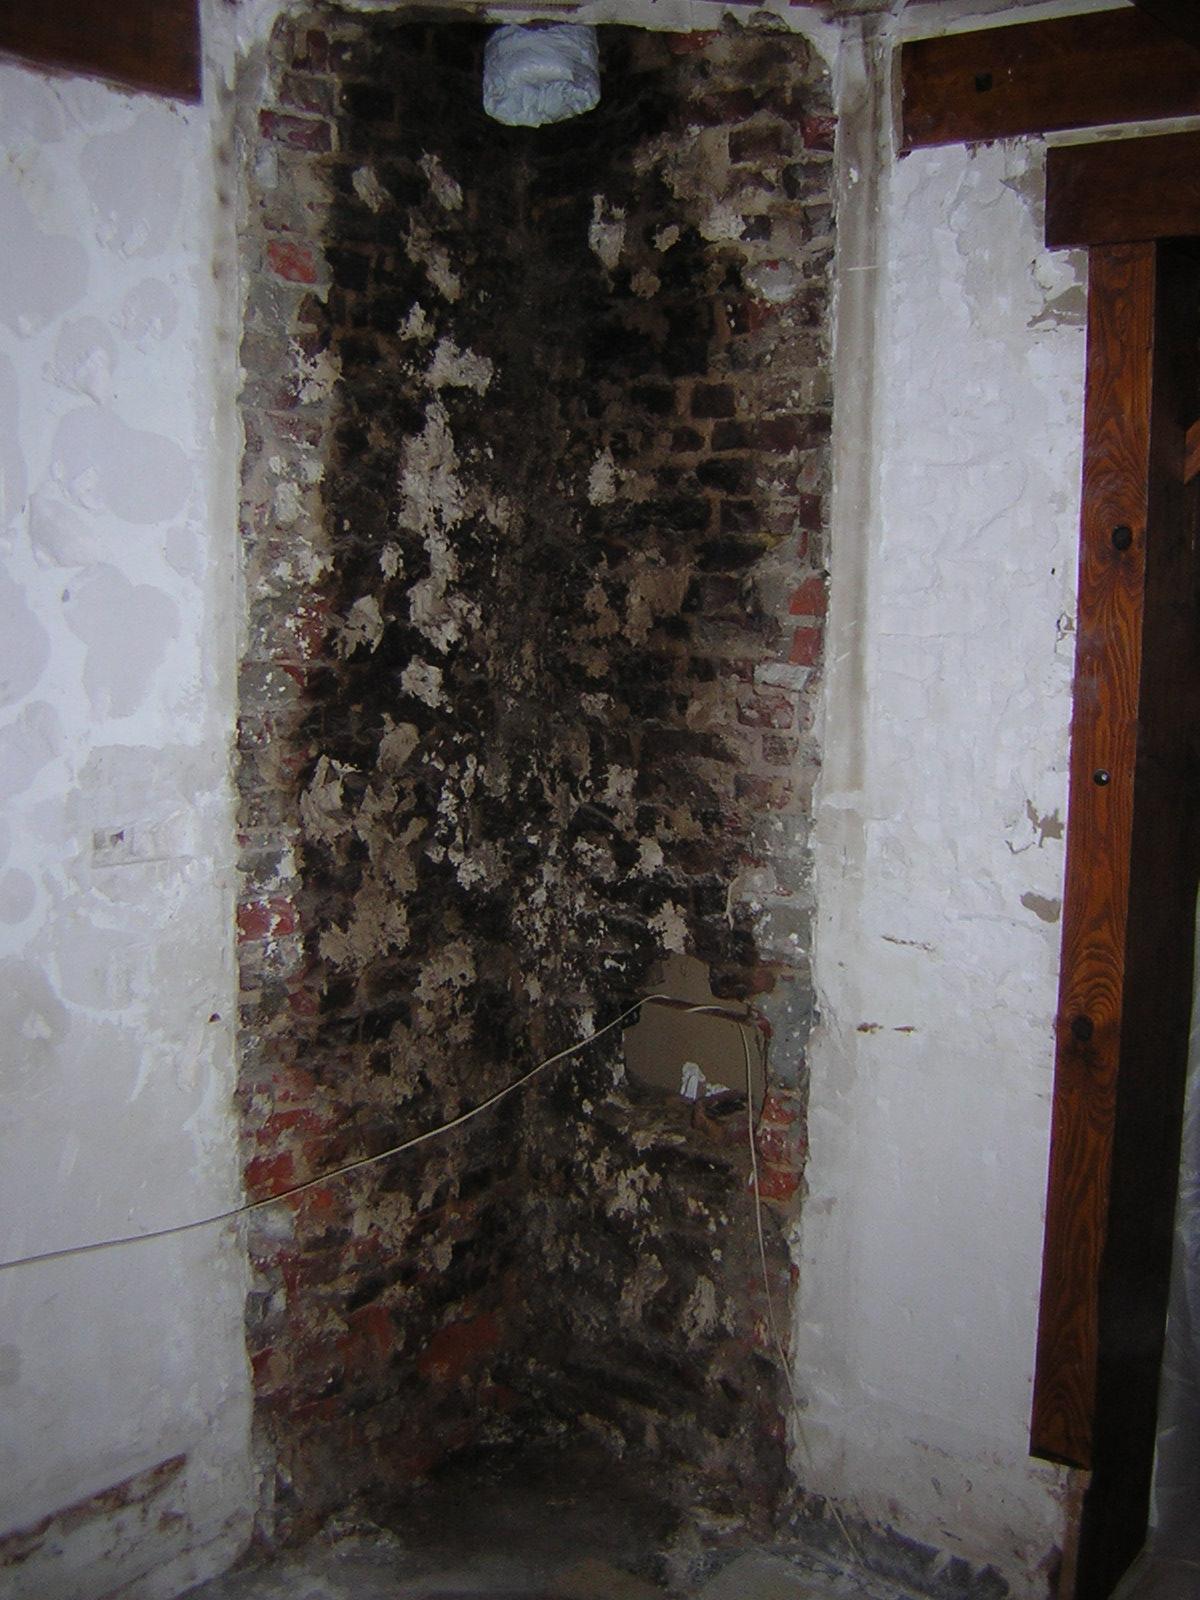 Conduit De Cheminee En Brique Rouge platrer ancienne cheminée briques rouge pleines de suie